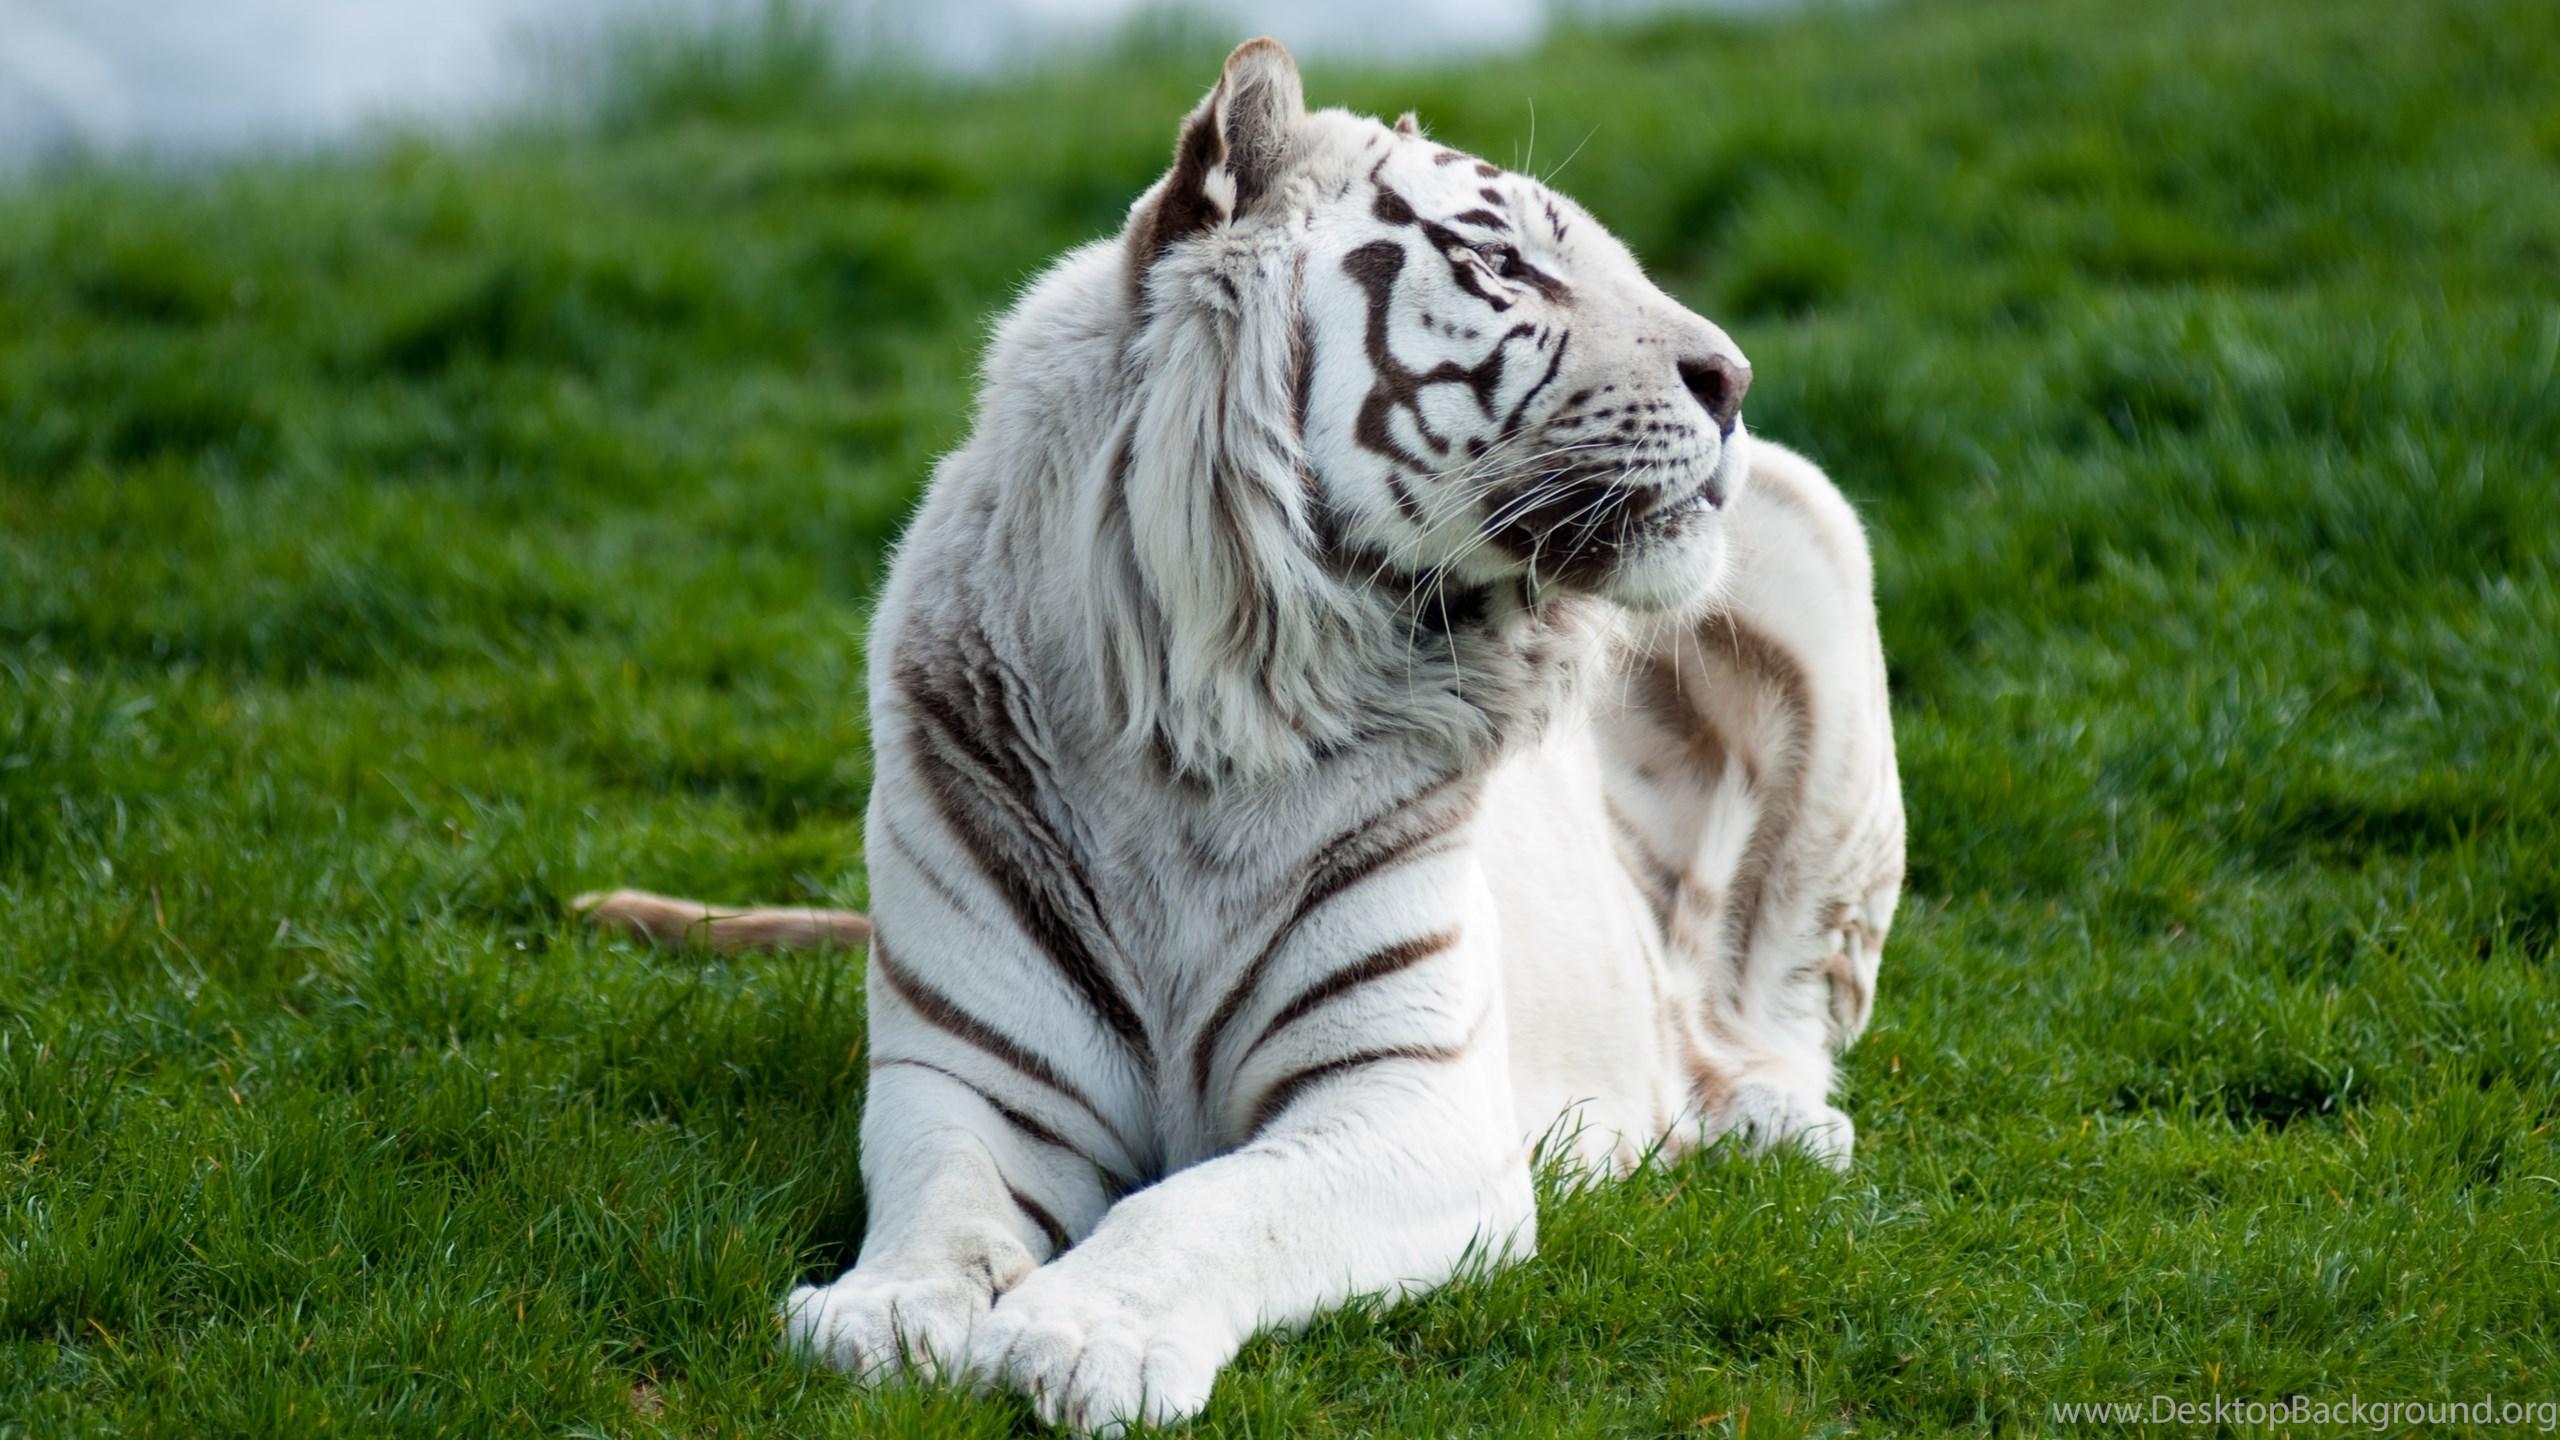 white tiger computer wallpapers, desktop backgrounds desktop background